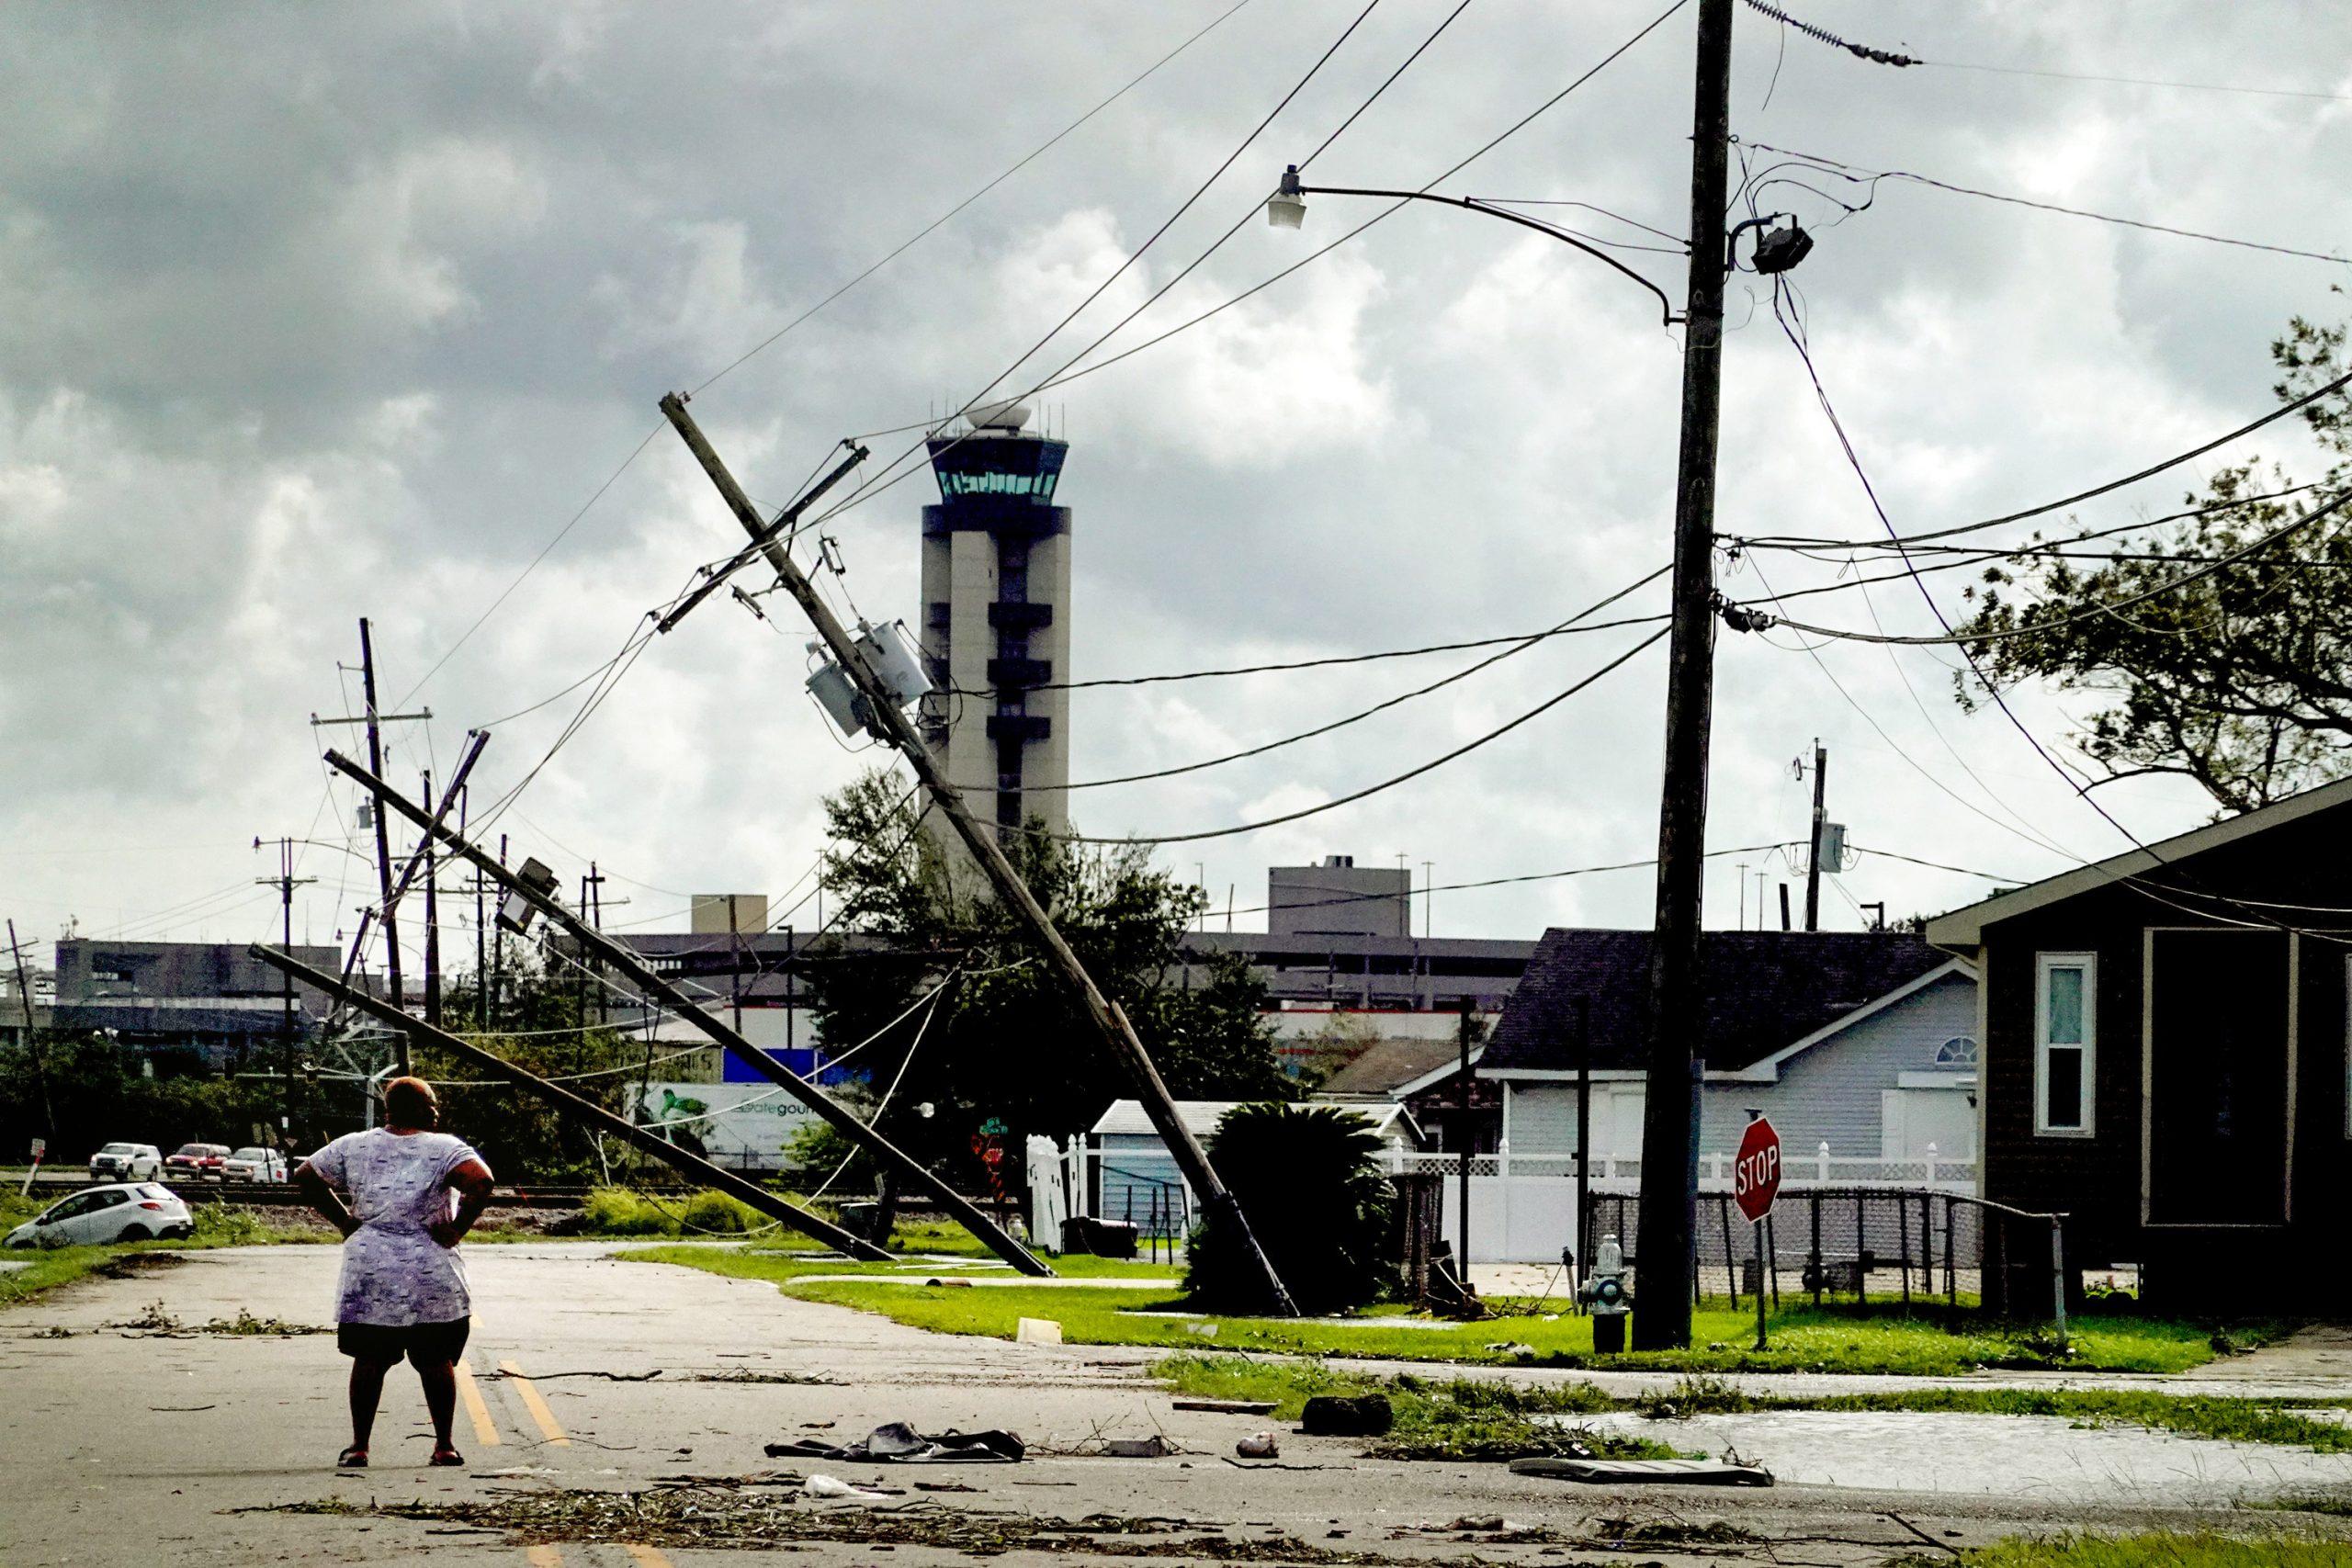 ハリケーン「アイダ」で大規模停電、求められる強い送電網